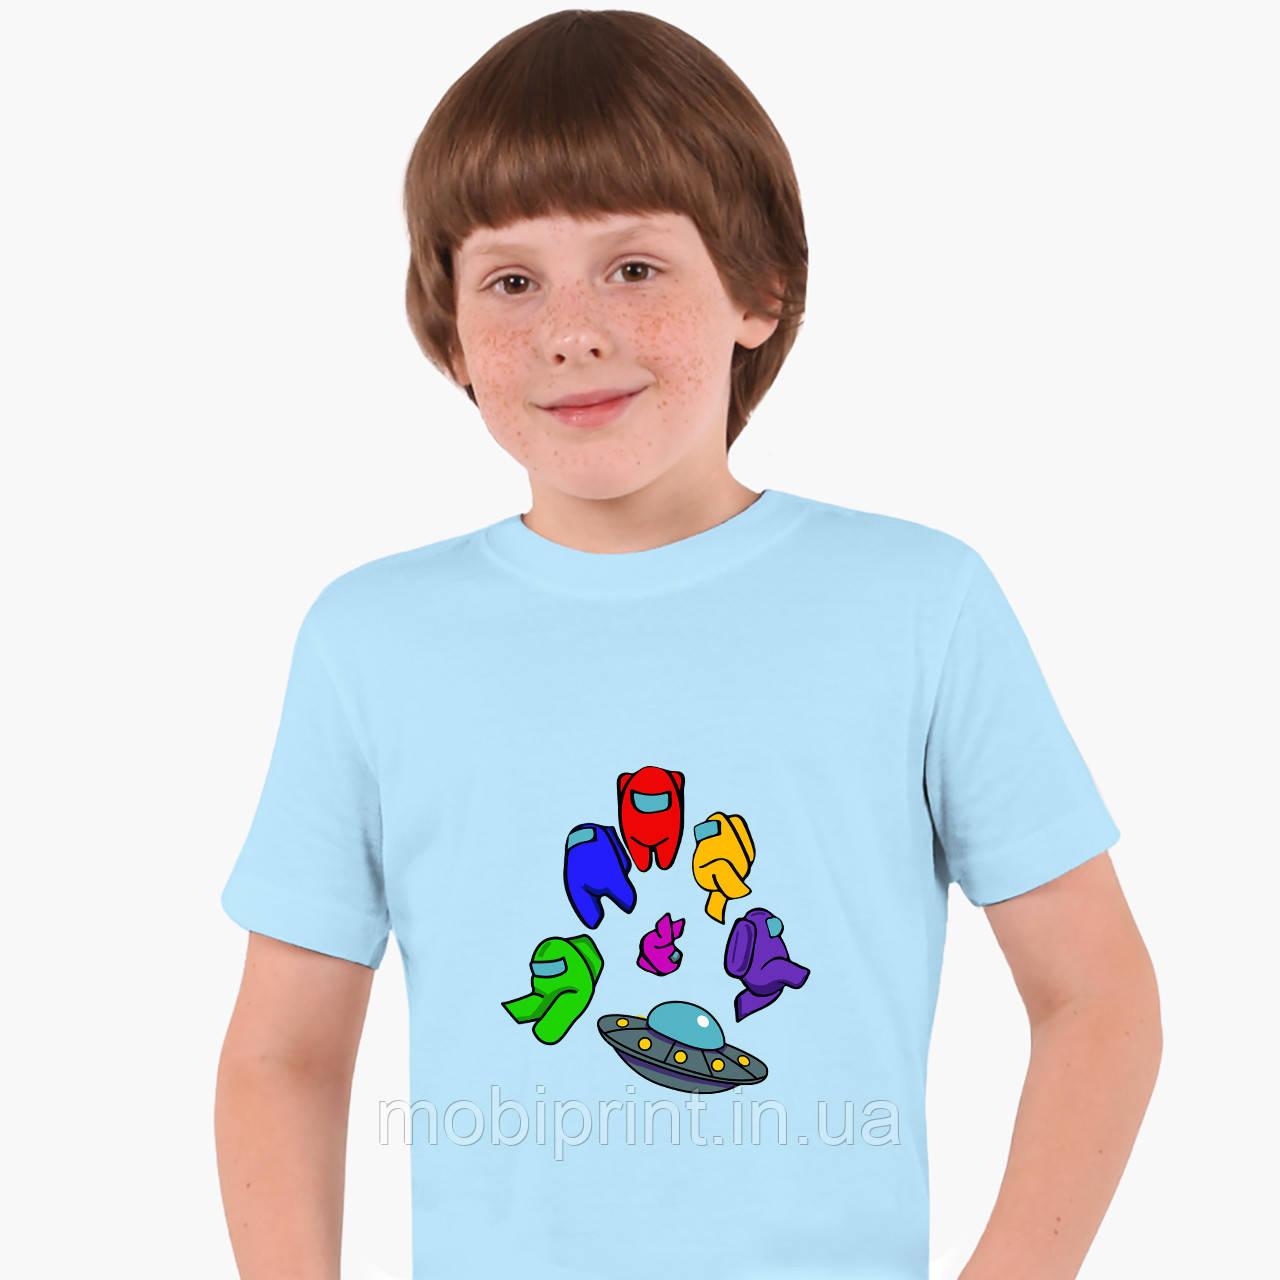 Детская футболка для мальчиков Амонг Ас (Among Us) (25186-2585) Голубой